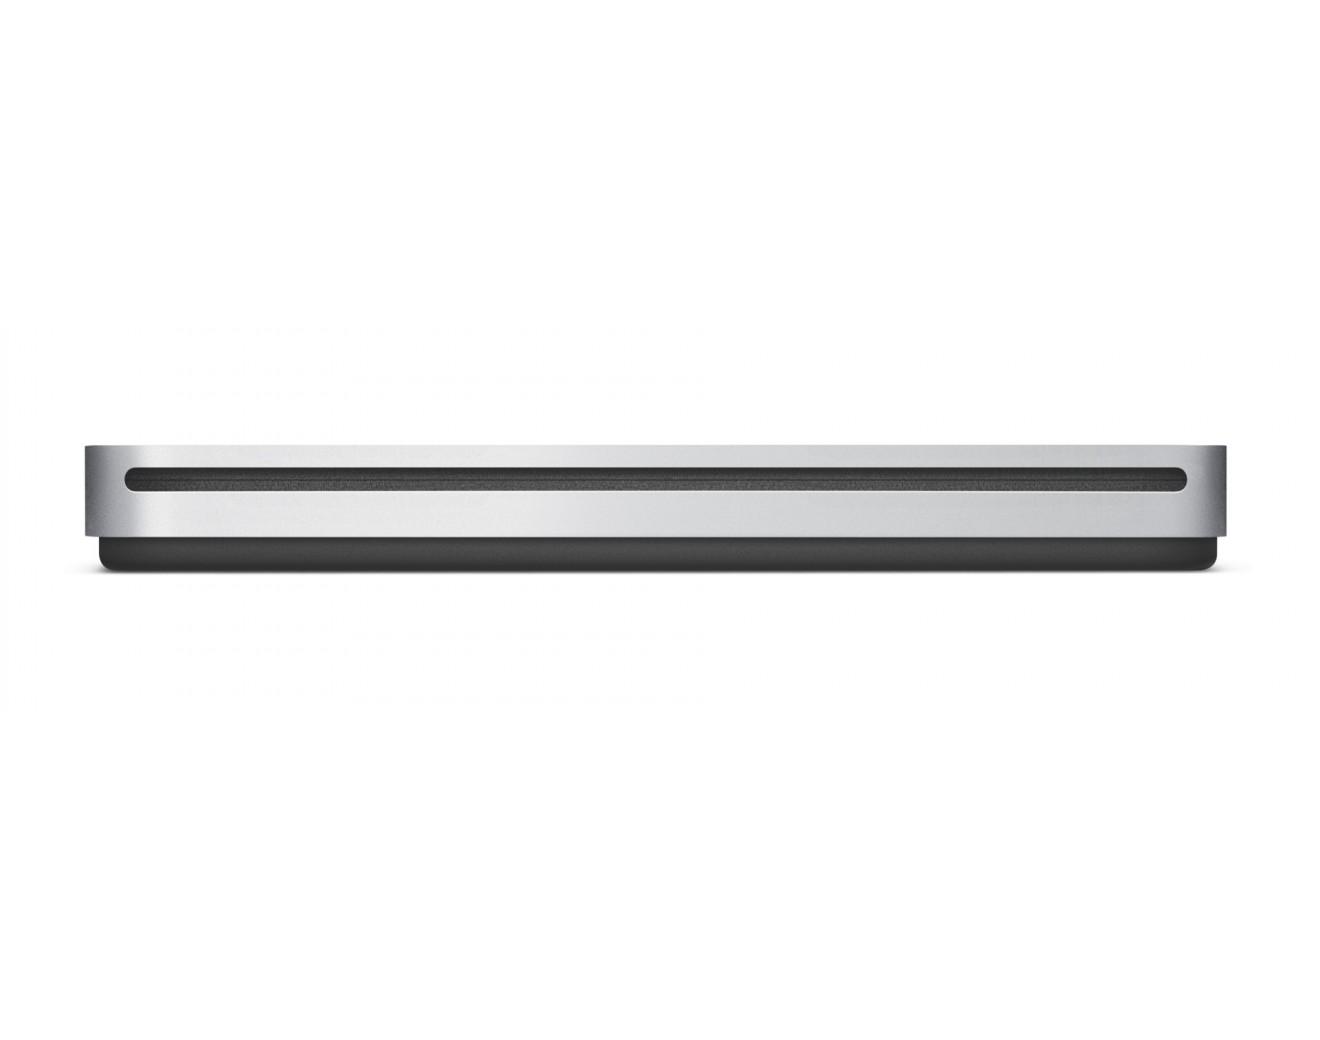 Външно DVD устройство Apple USB SuperDrive